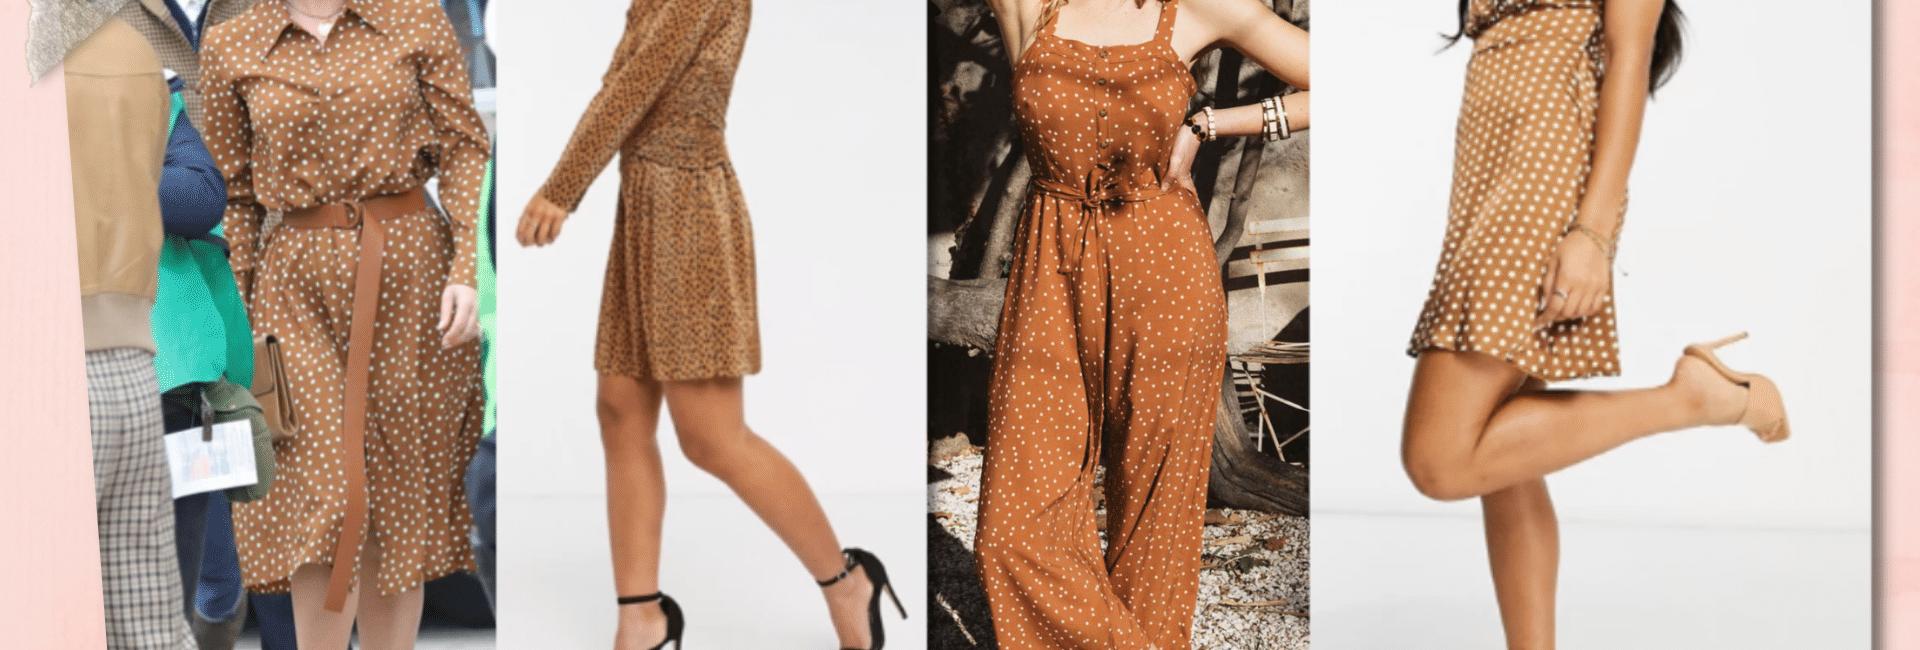 Shopping de vêtements à pois à la Lady Gaga dans